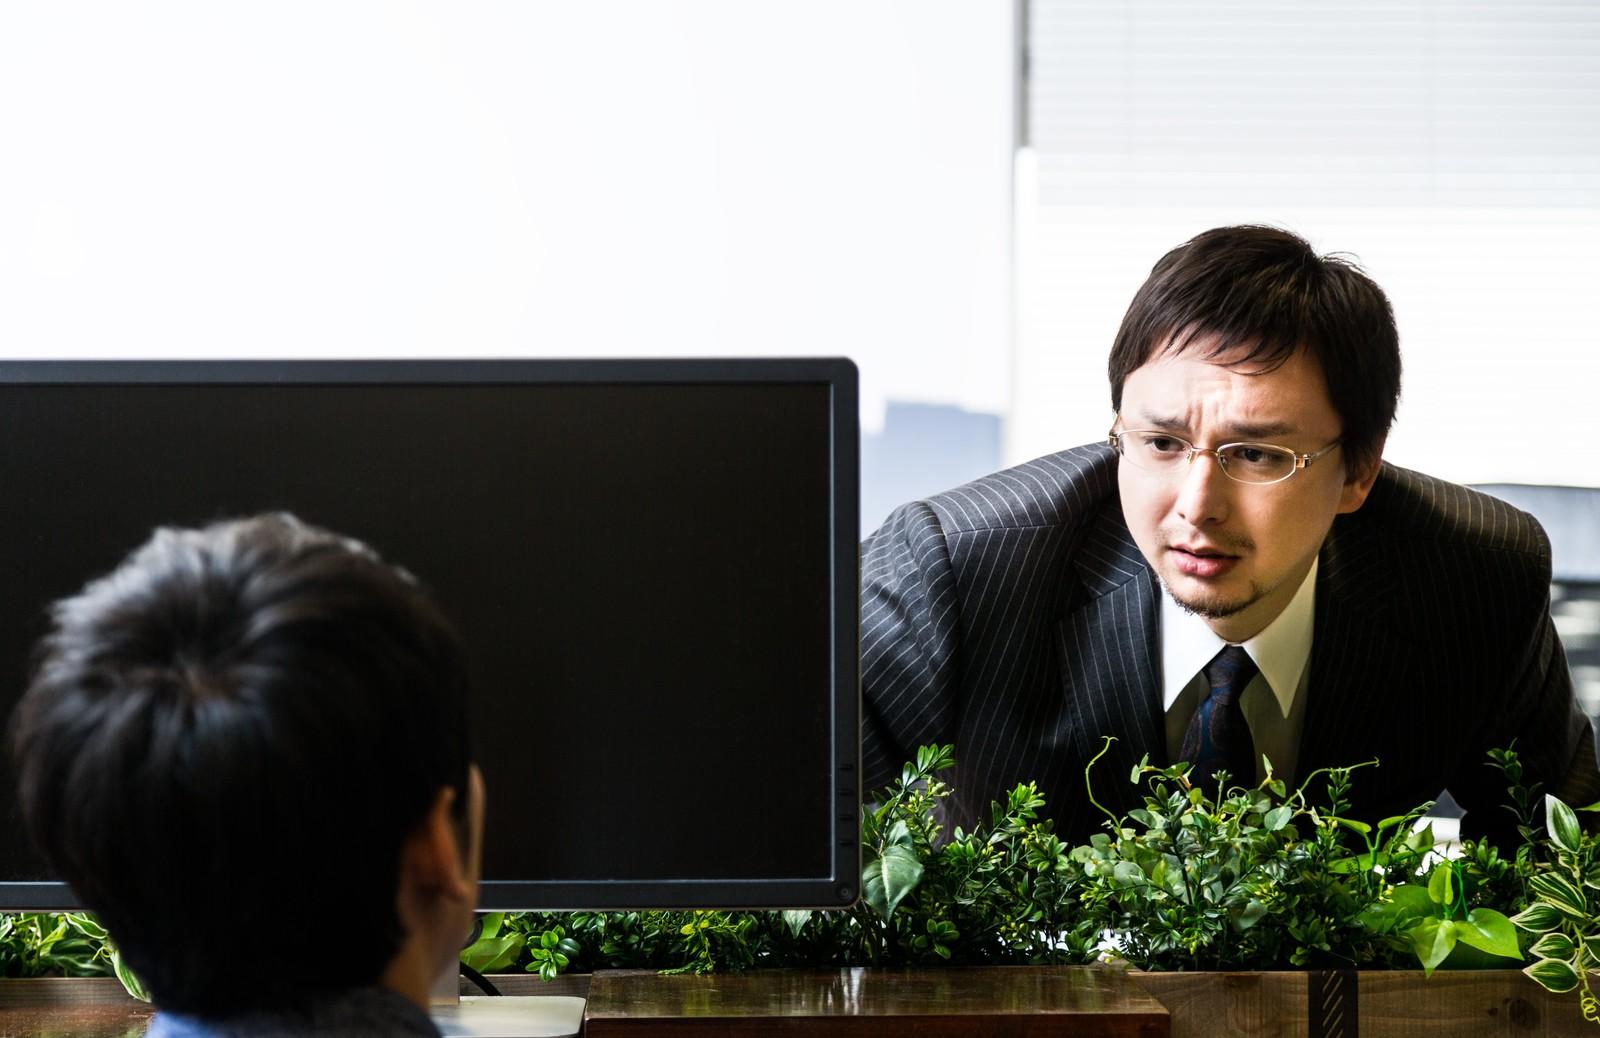 上司なら知っておくべき、部下の仕事のストレスを和らげる基本と解消法